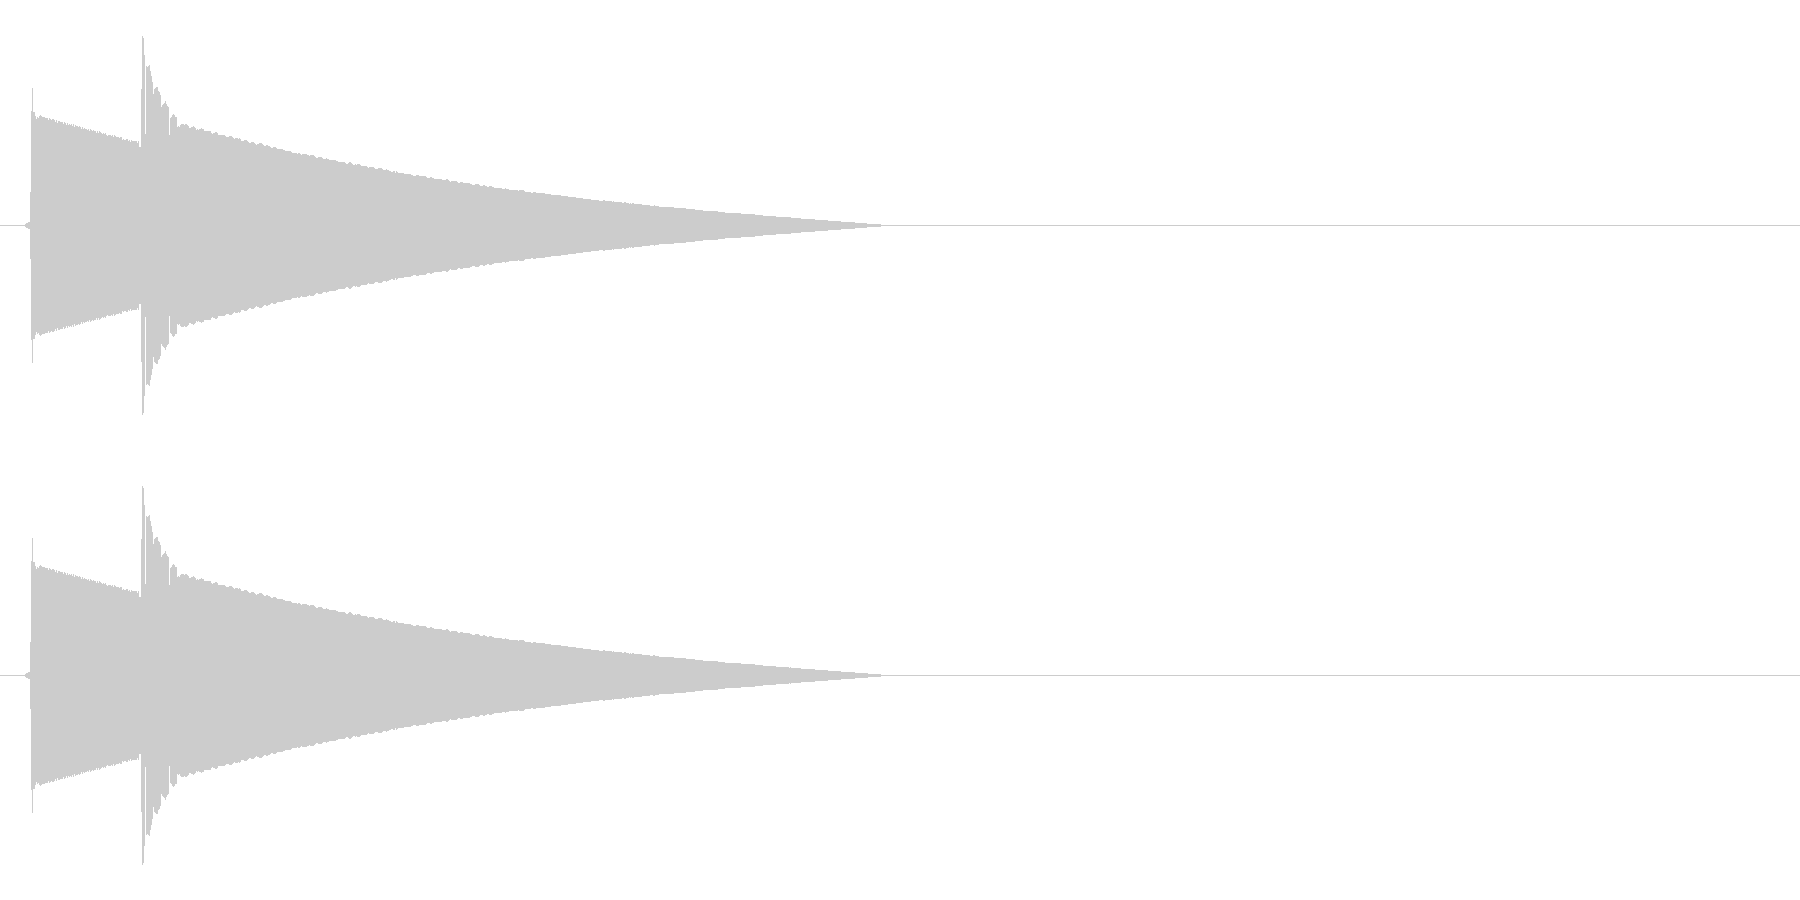 ピポーン(正解、回答時のボタン音)の未再生の波形